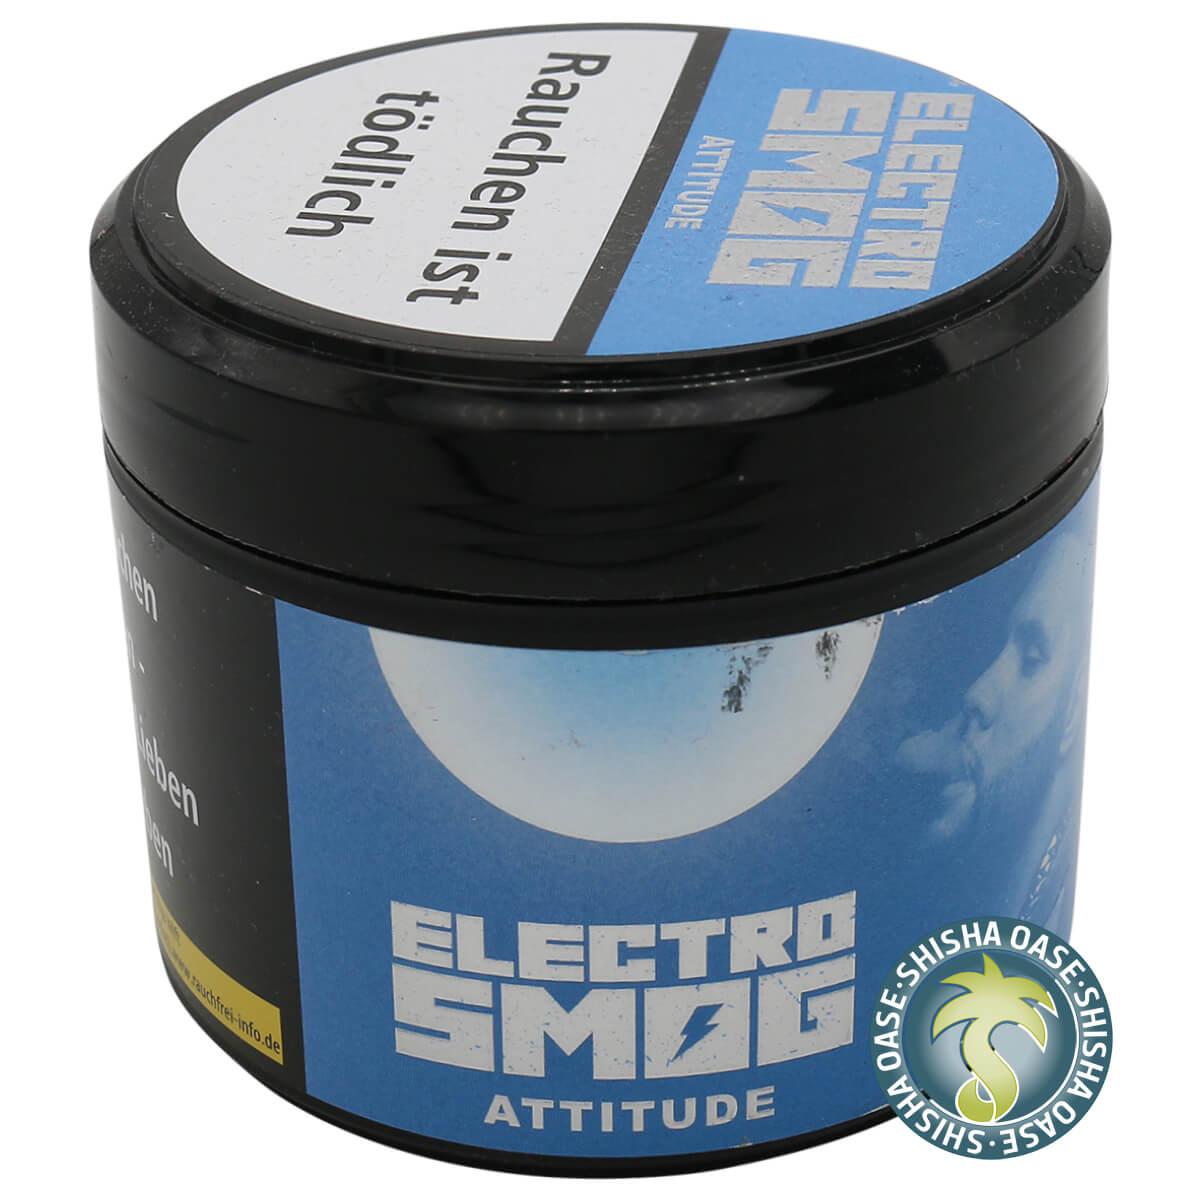 Electro Smog Tabak 200g | Attitude